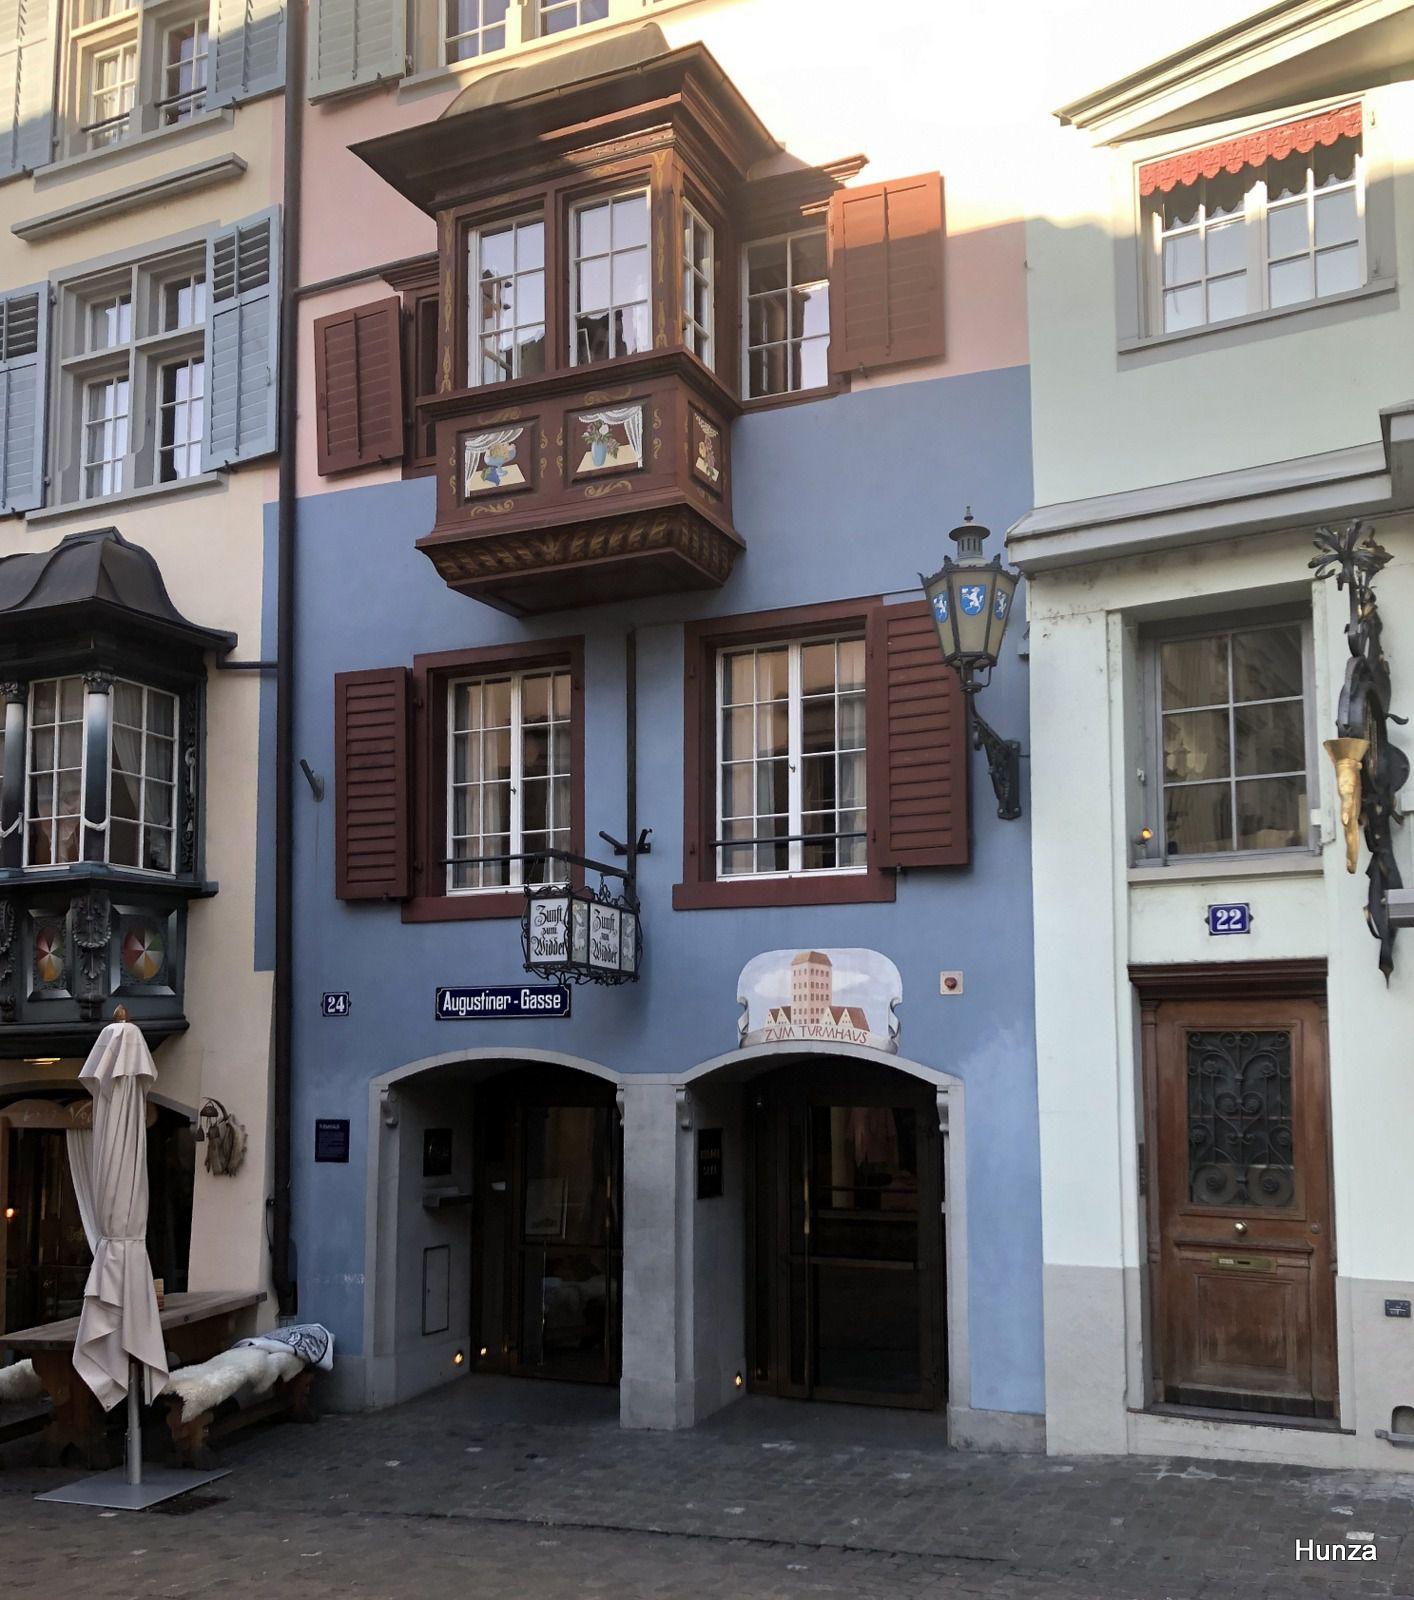 Zürich, Augustiner Gasse